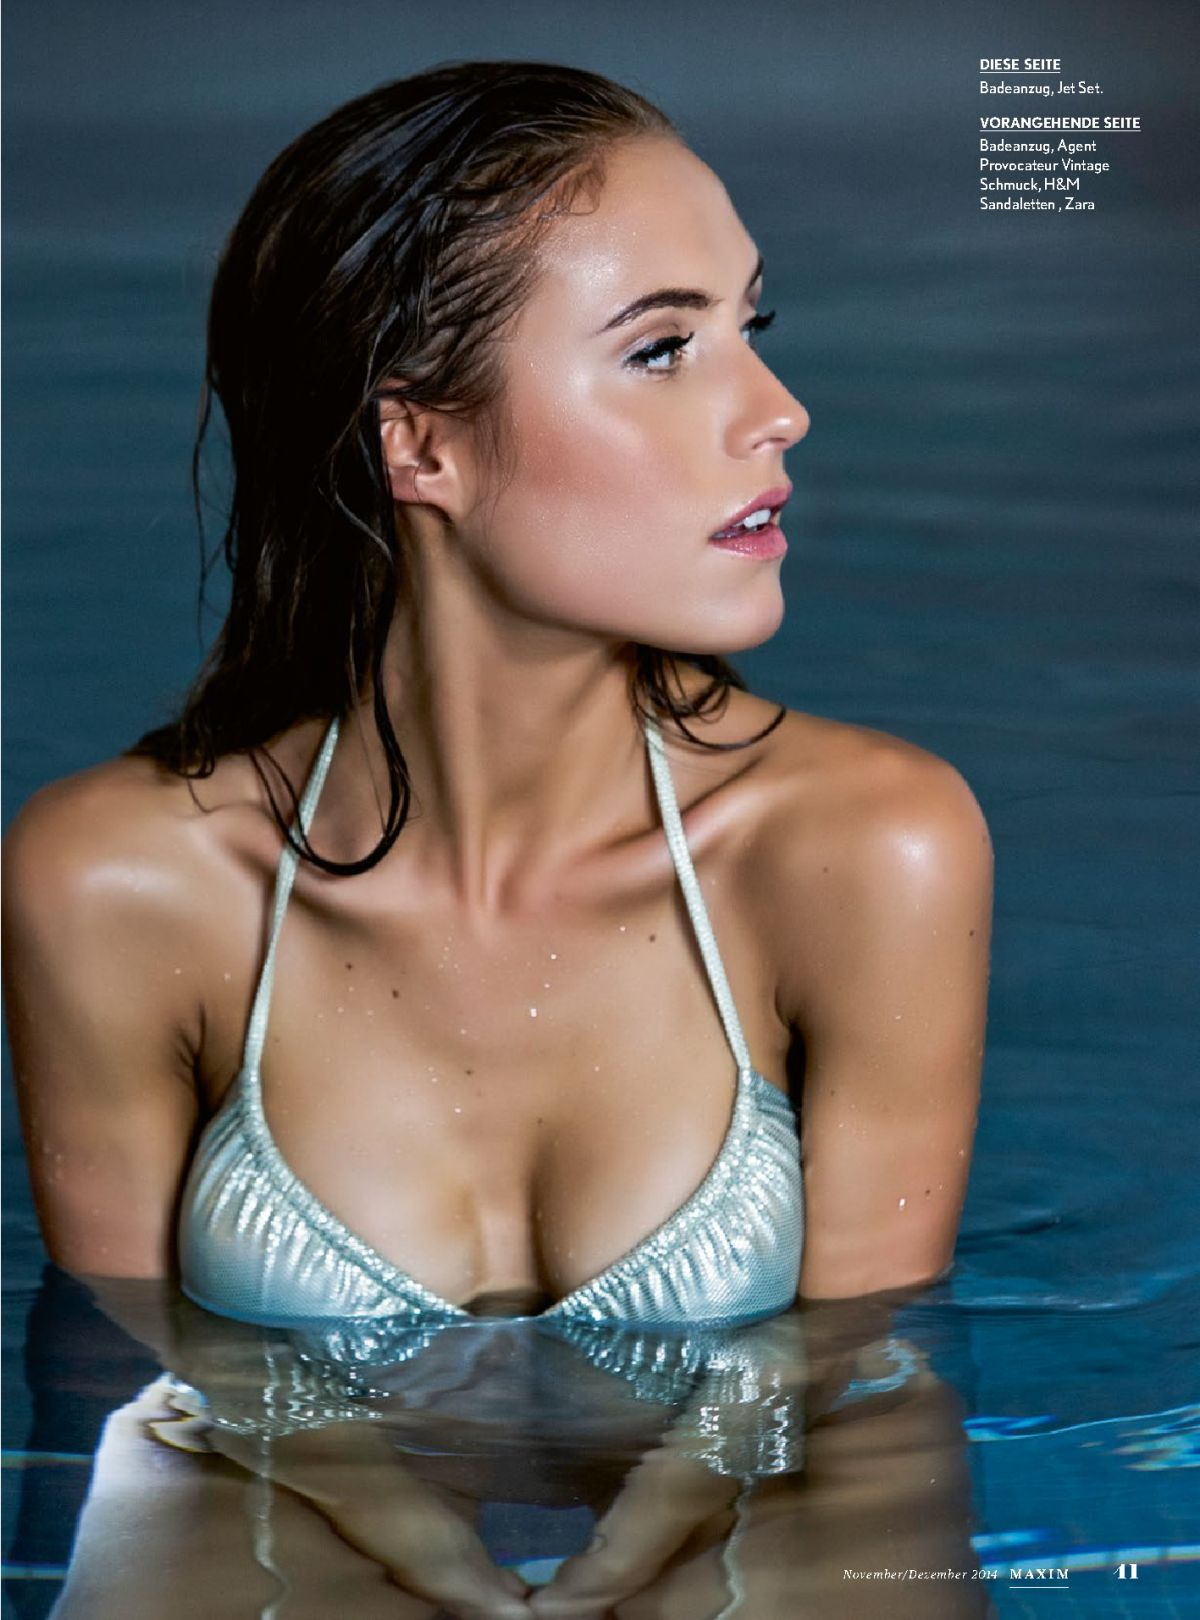 ALENA GRABER in Maxim Magazine, Switzerland November/December 2014 Issue